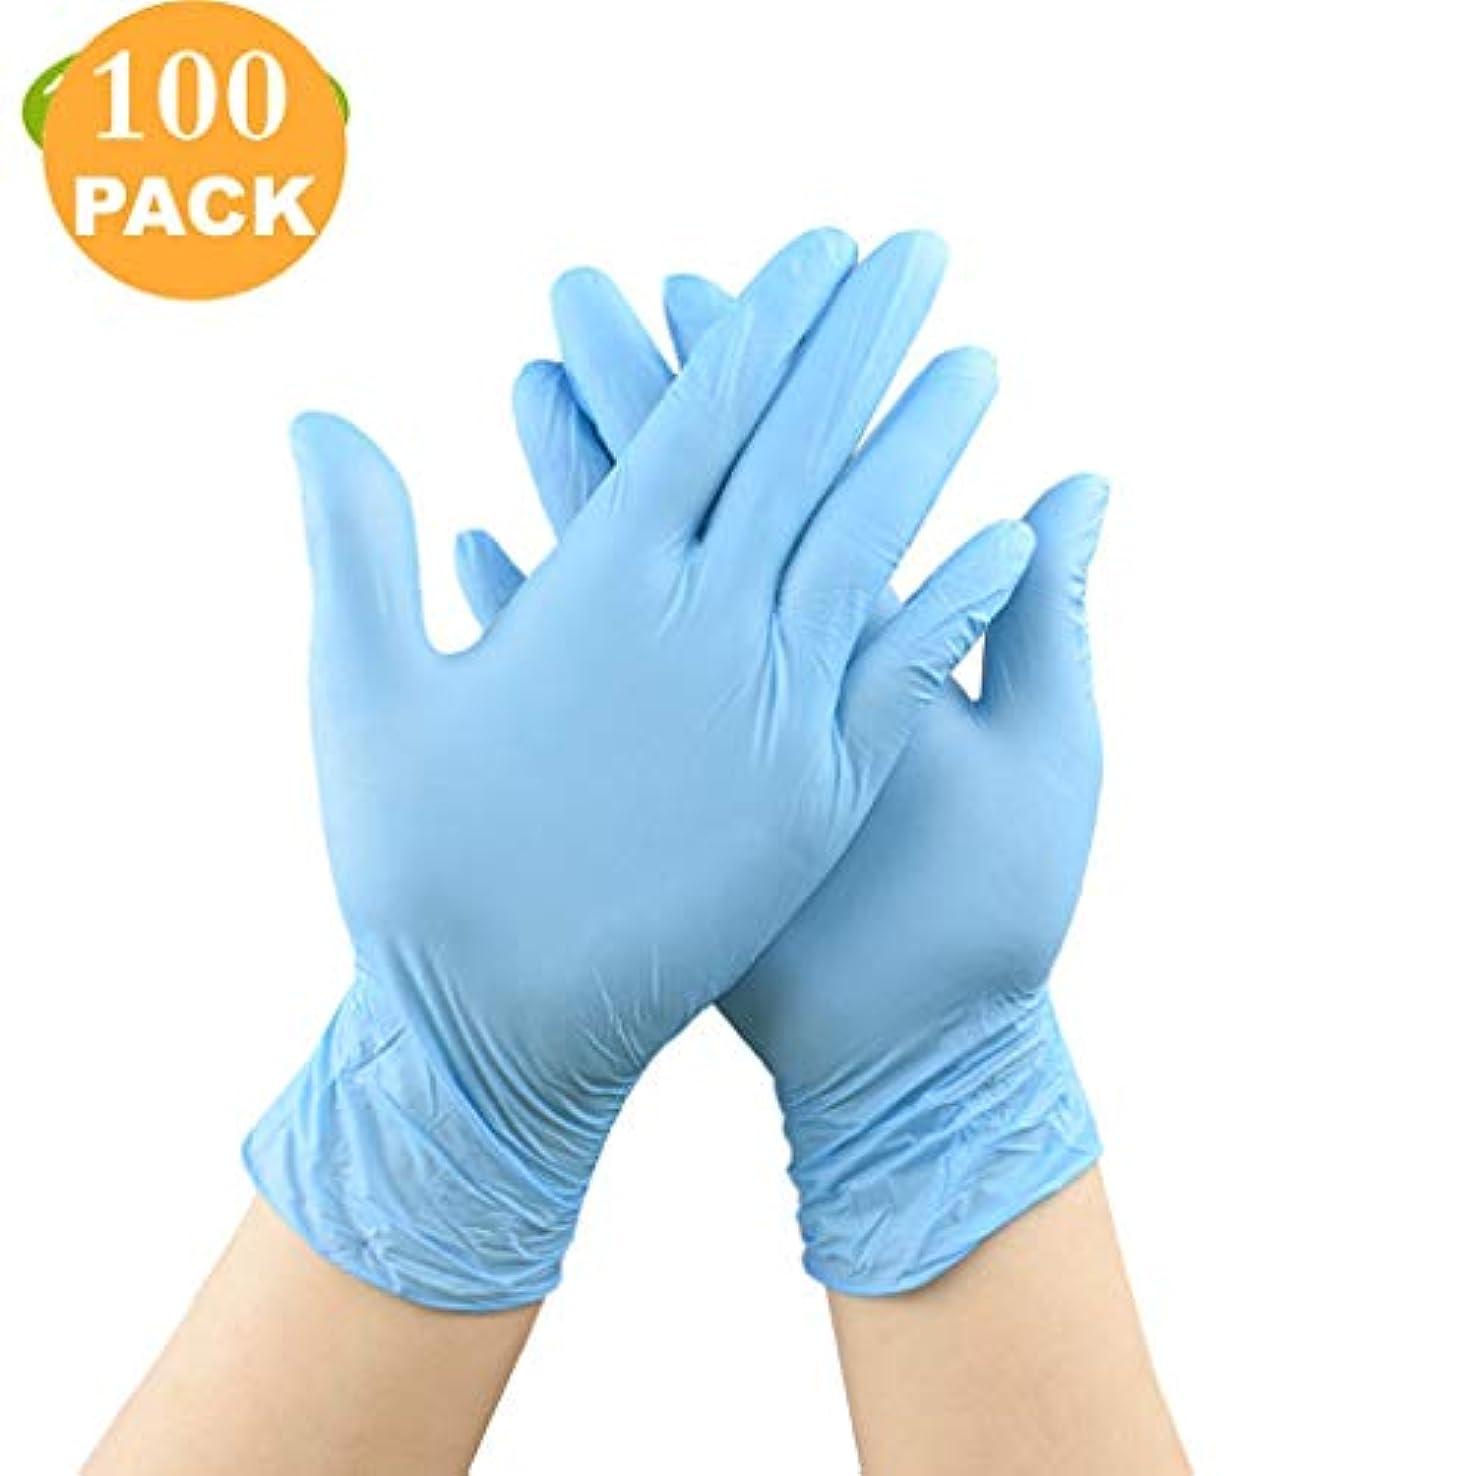 ファンブルとまり木自我ニトリル使い捨てケータリングケータリング家事保護の食品用ゴム手袋ゴム手袋耐性-100パーボックス (Color : Blue, Size : L)